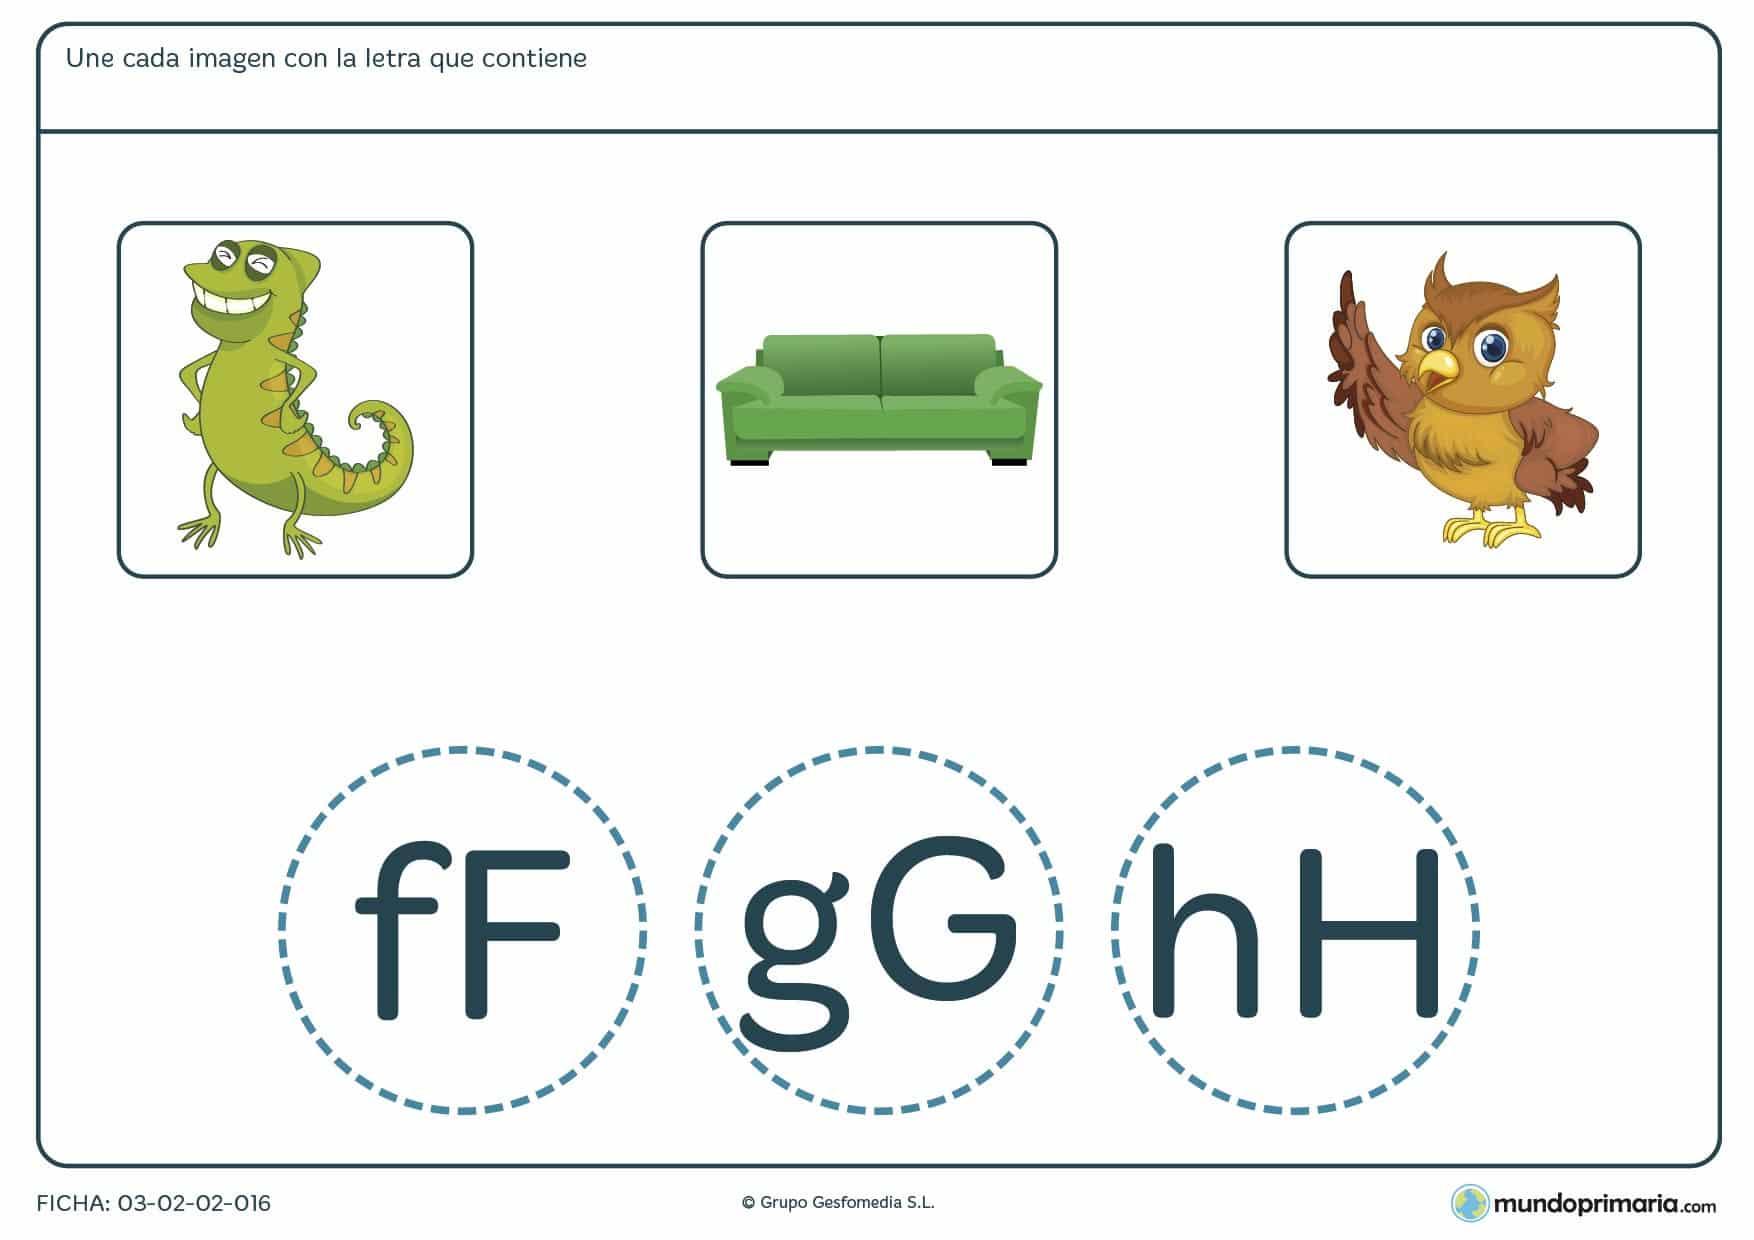 Ficha de relacionar letras con palabras para aprender vocabulario en 1º de Primaria.